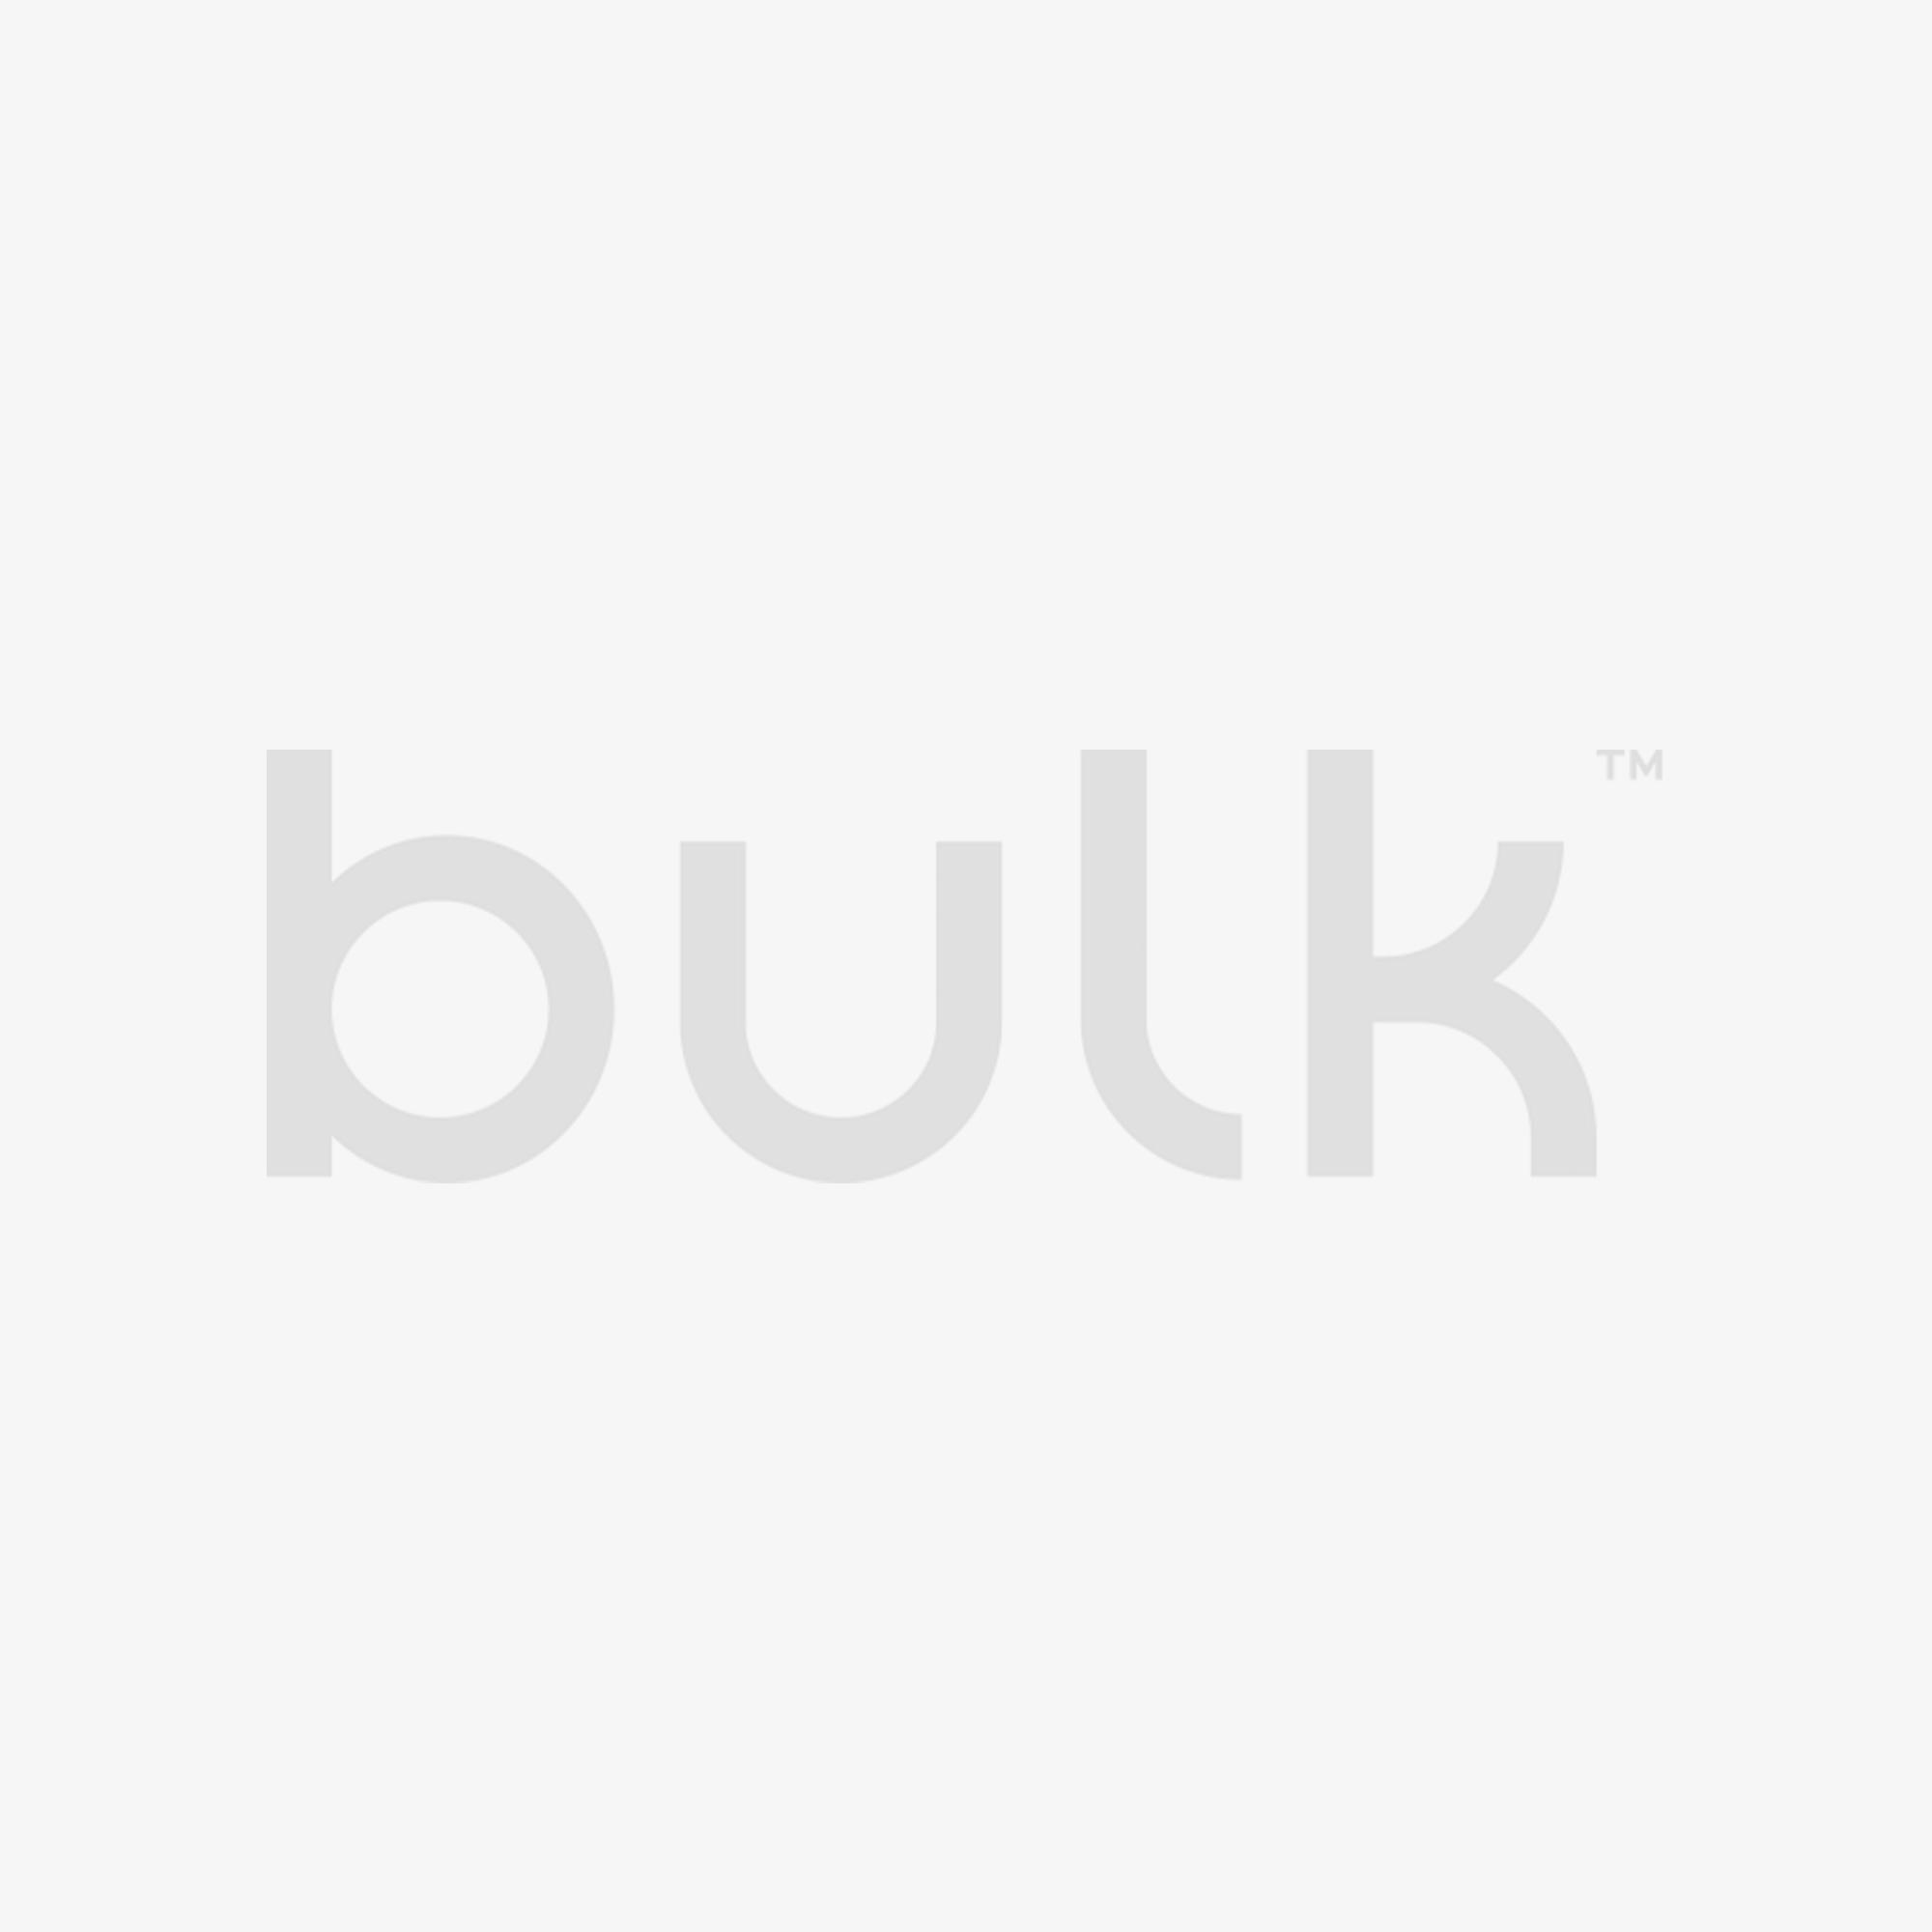 Complete Multivitamin Complex - BULK POWDERS